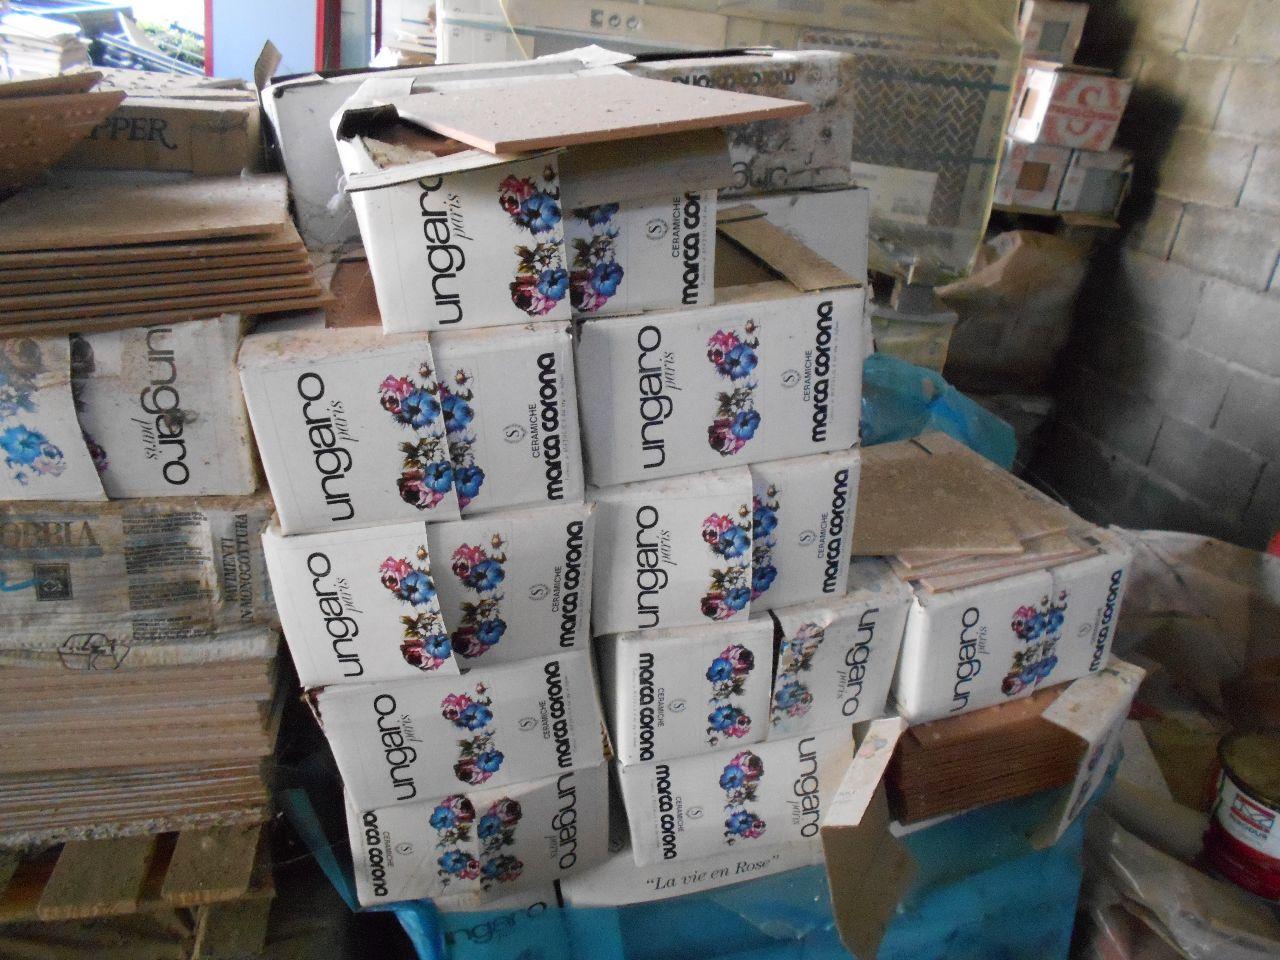 Stock di piastrelle per rivestimenti - Astemobili.it